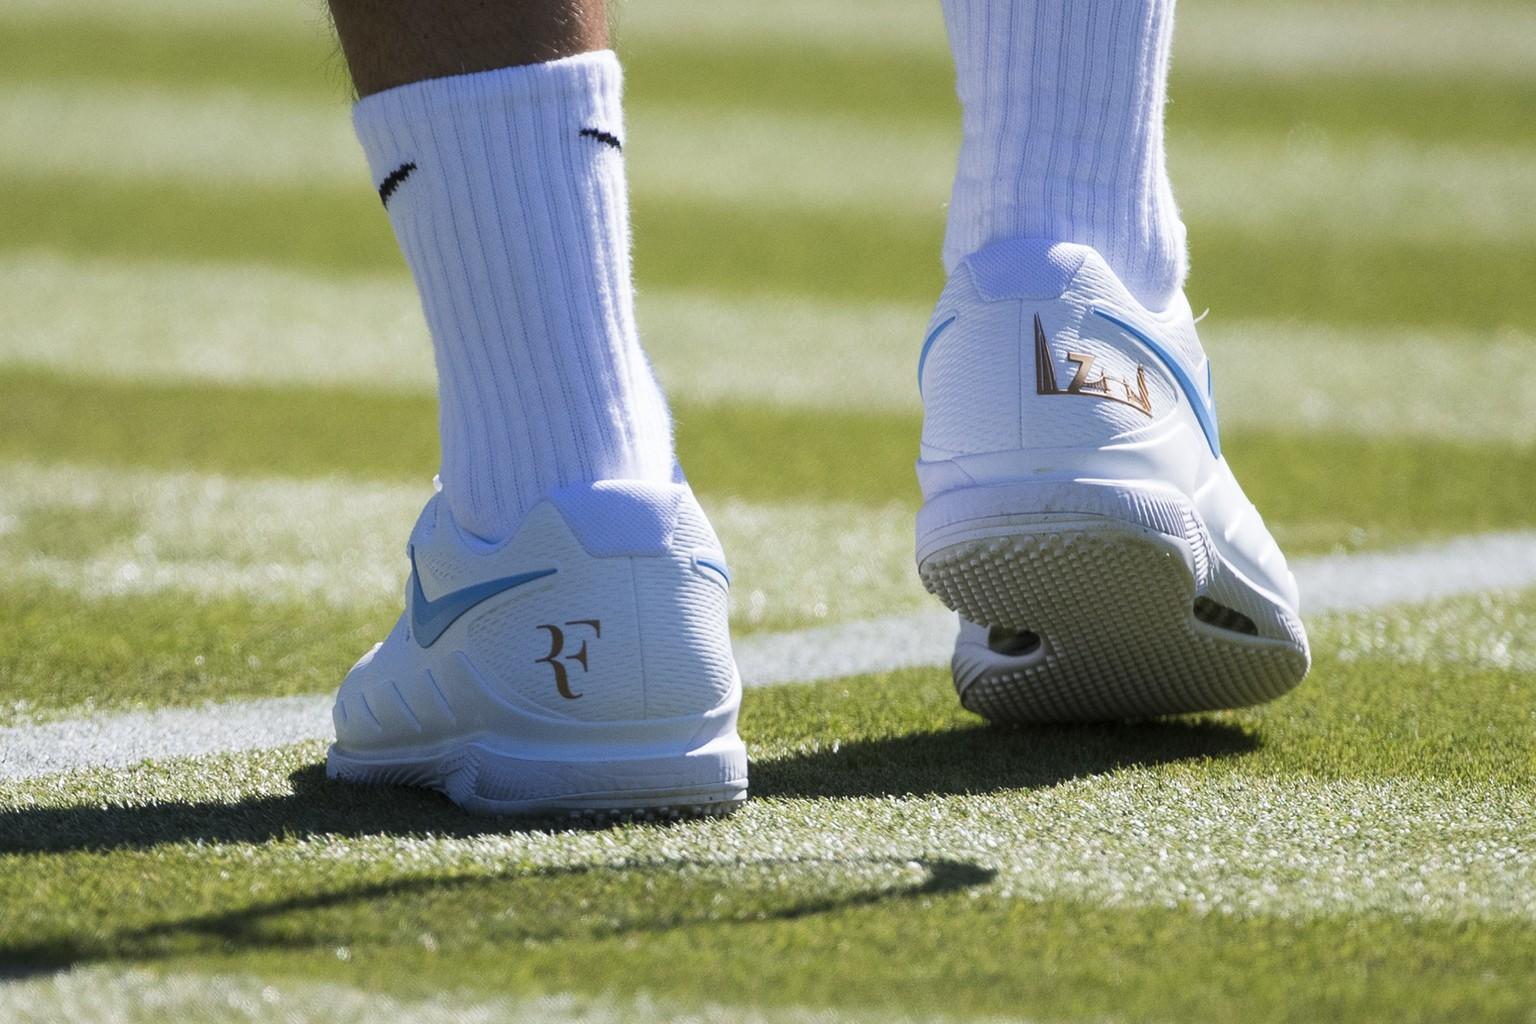 Uniqlo watson Roger Federer über mit neuen Vertrag seinen 8OnPXNk0w